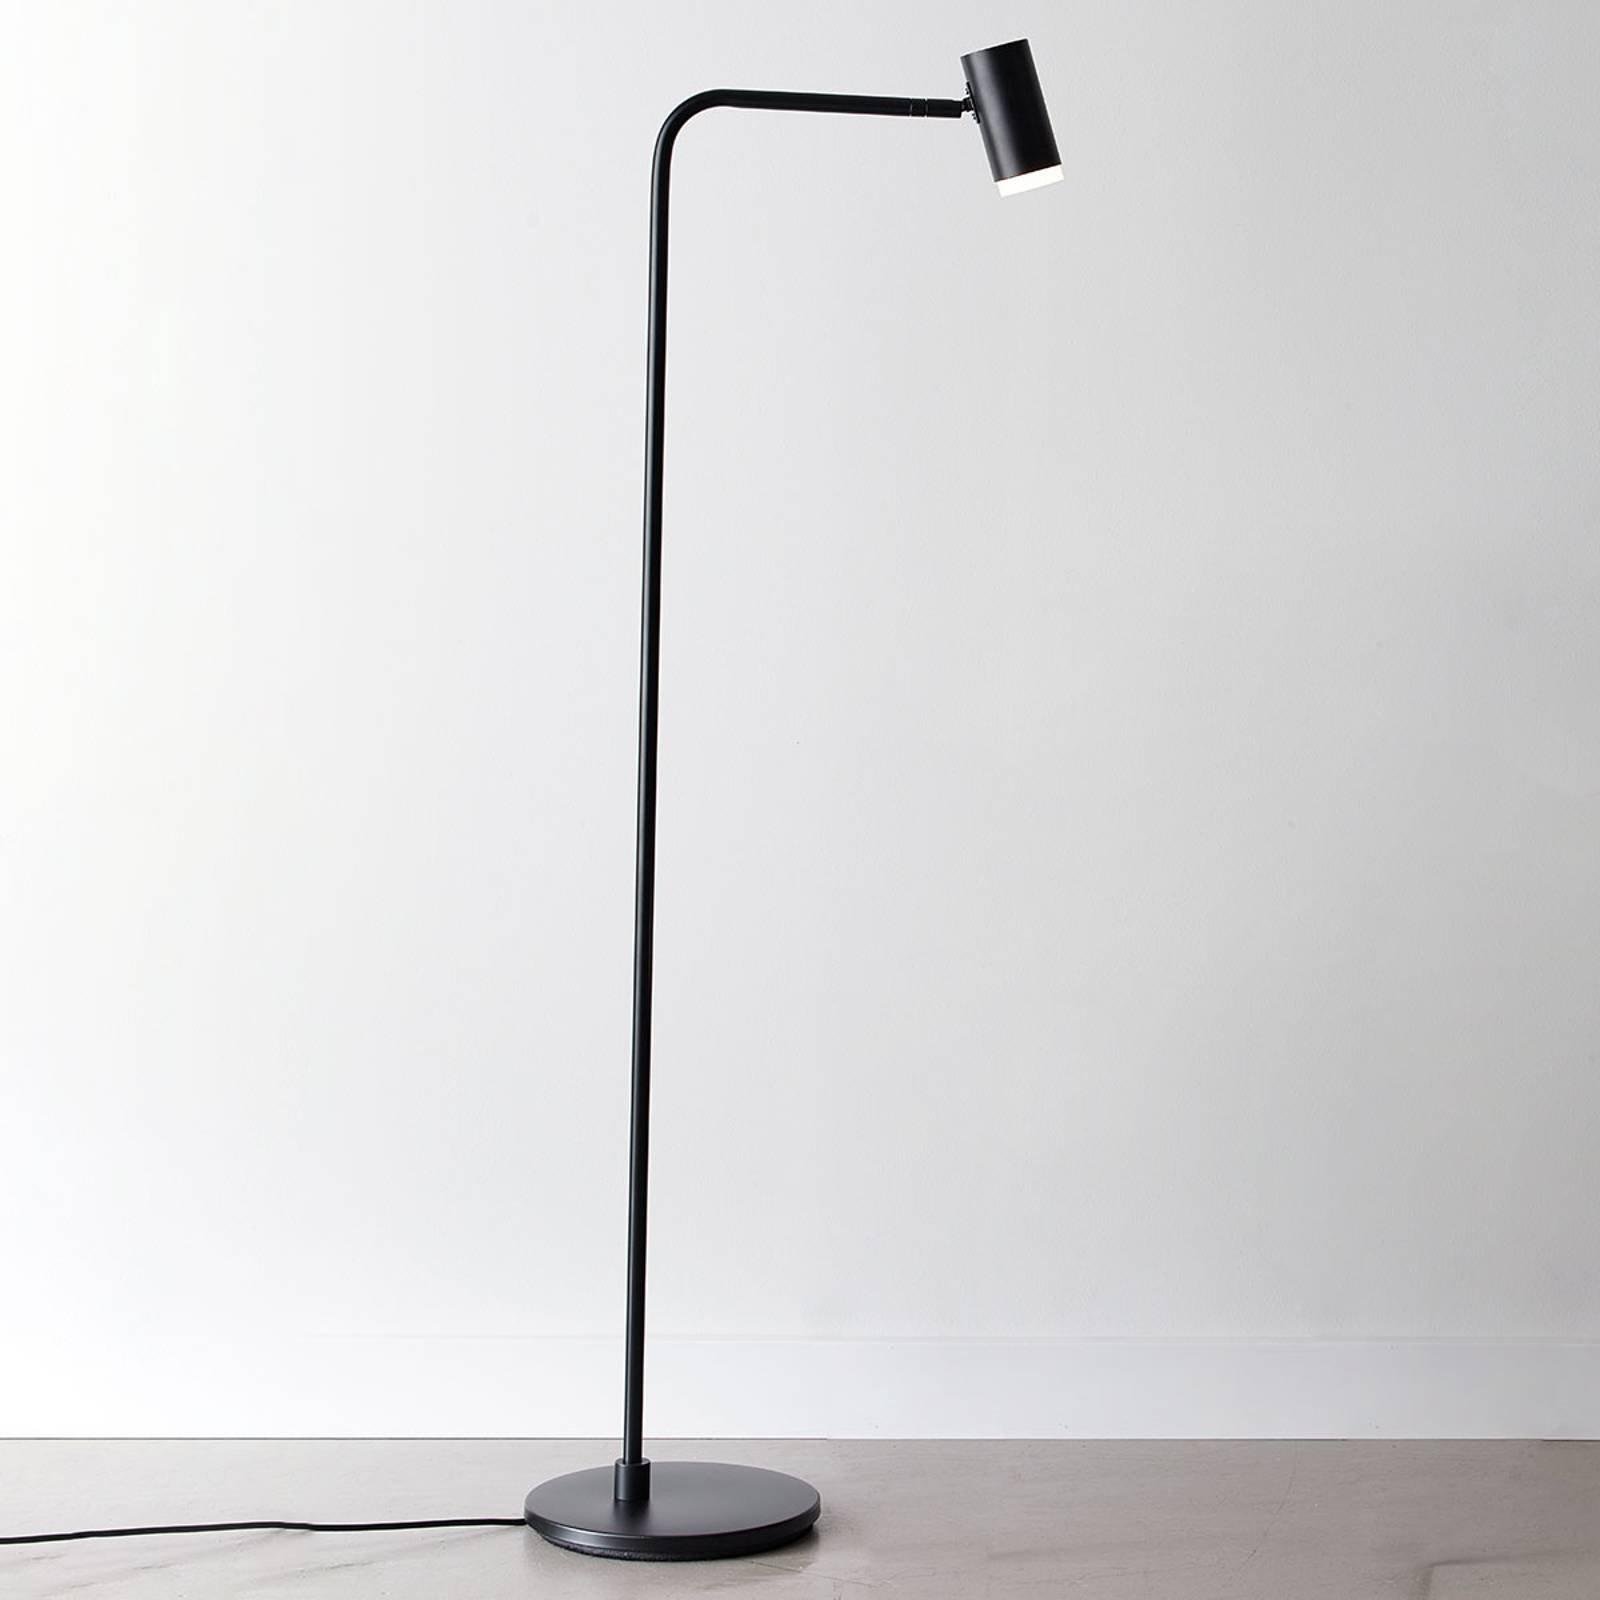 LED-gulvlampe Cato Q med dimmer, svart